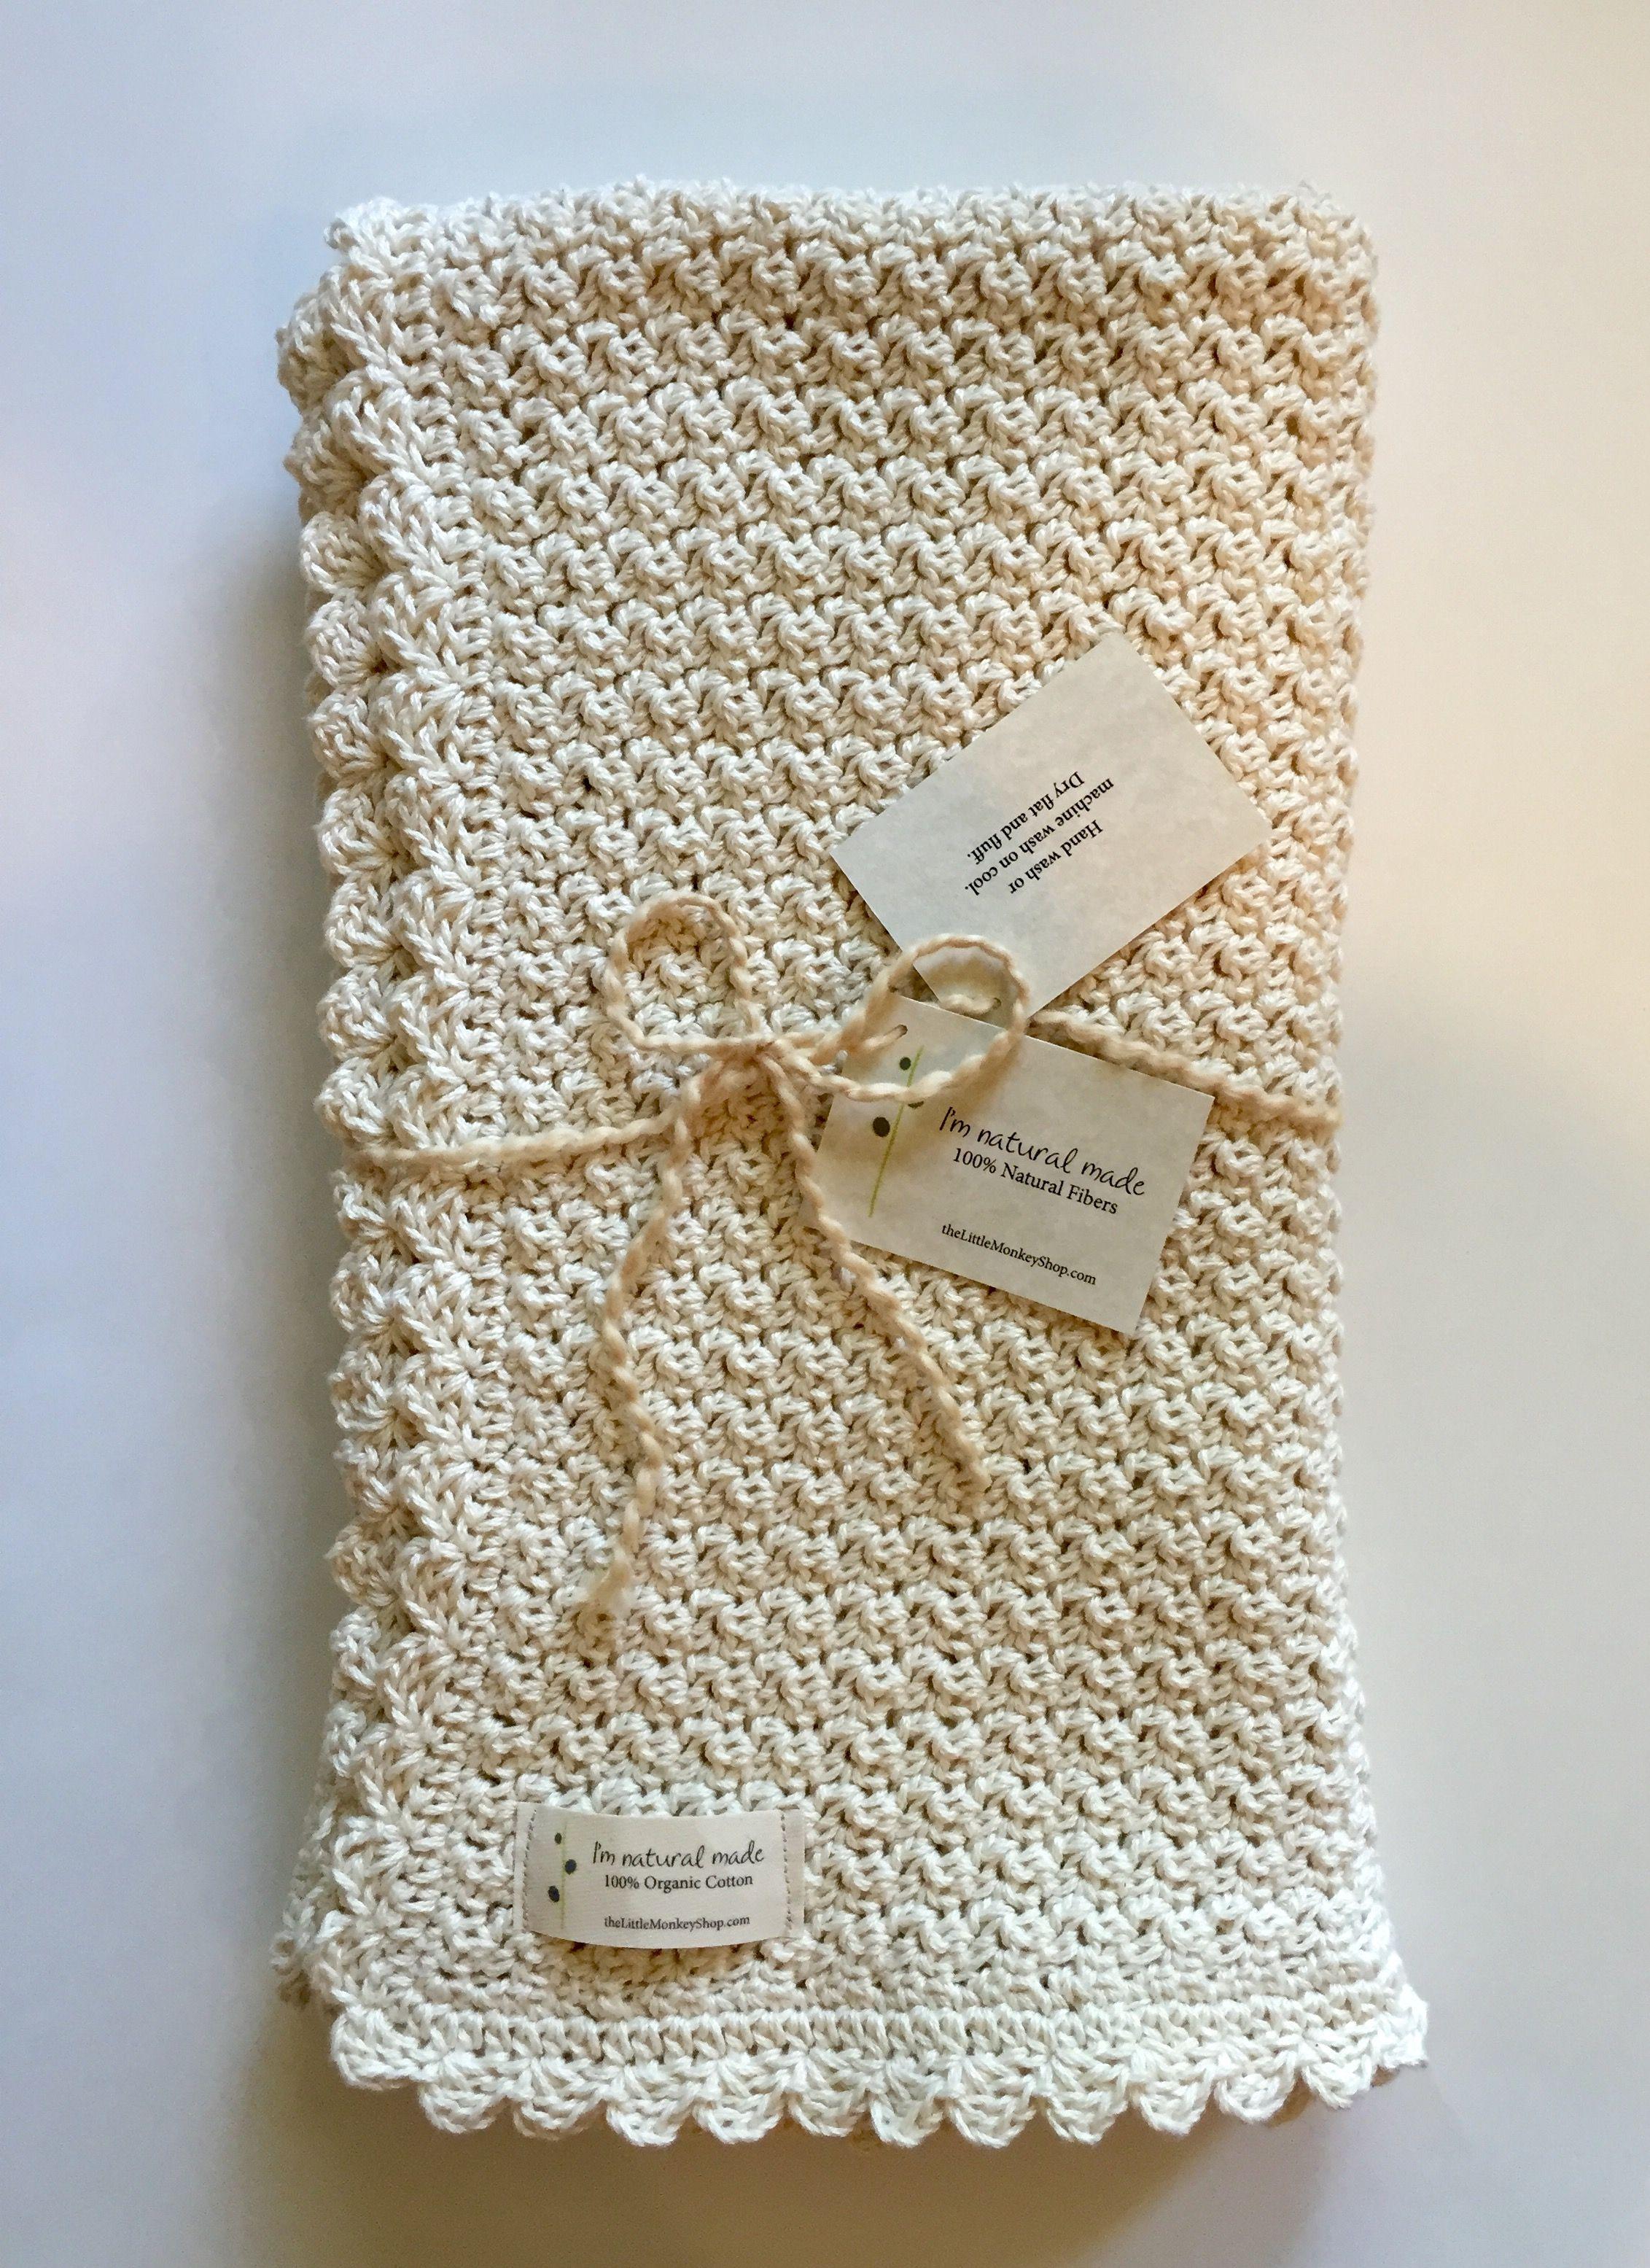 Baby Blanket Crochet Pattern By Little Monkeys Designs Baby Blanket Crochet Pattern Crochet For Beginners Blanket Crochet Blanket Diy